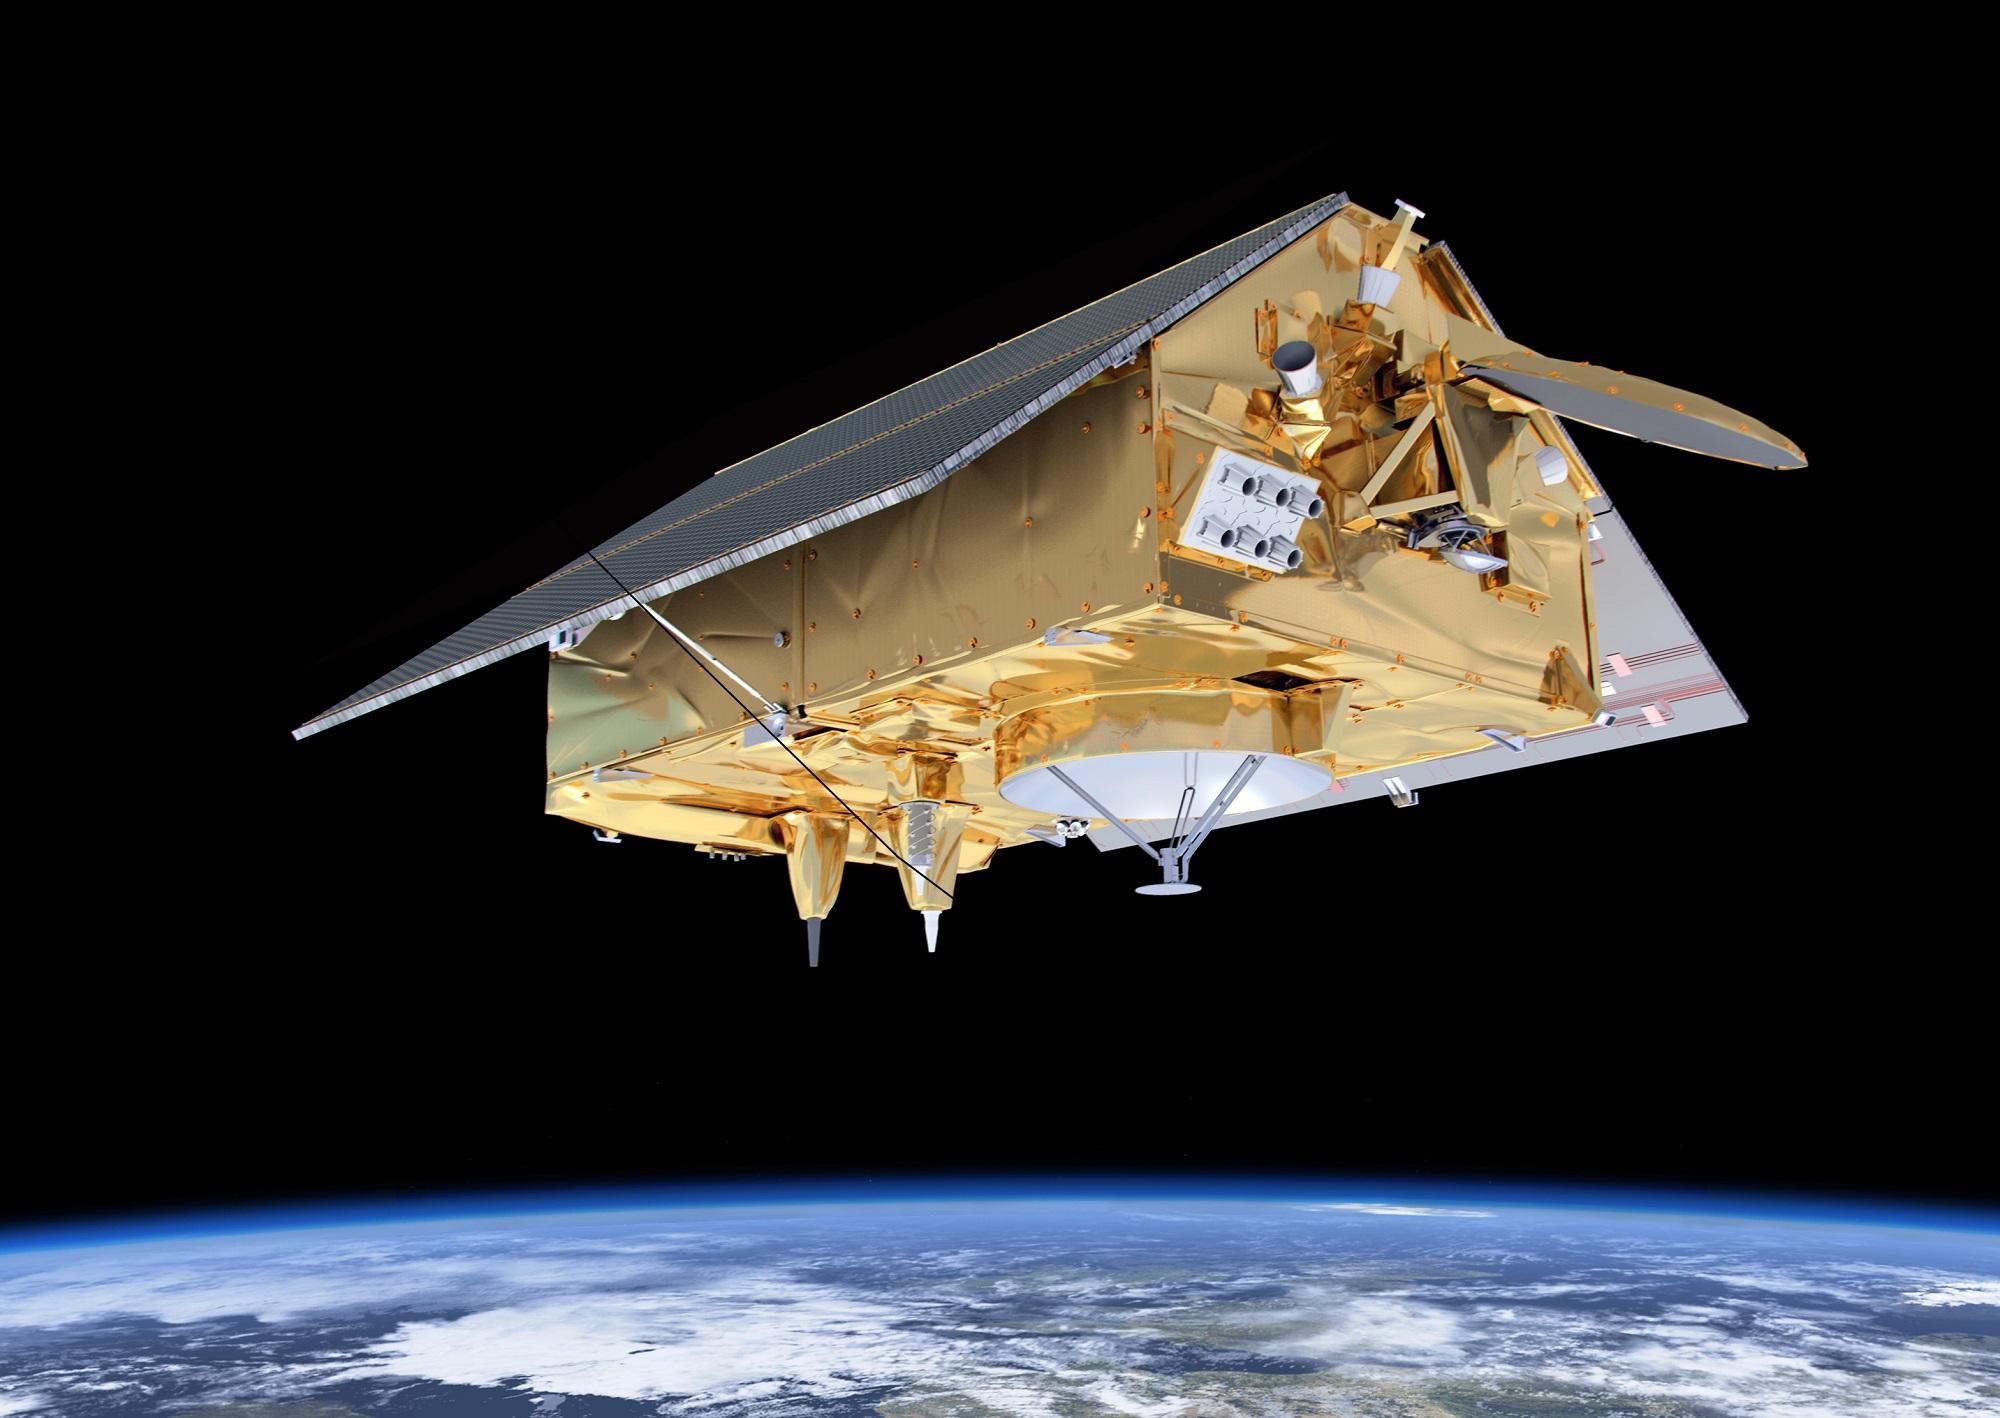 Sentinel-6 skal måle det globale havnivået. Illustrasjon: ESA/ATG medialab